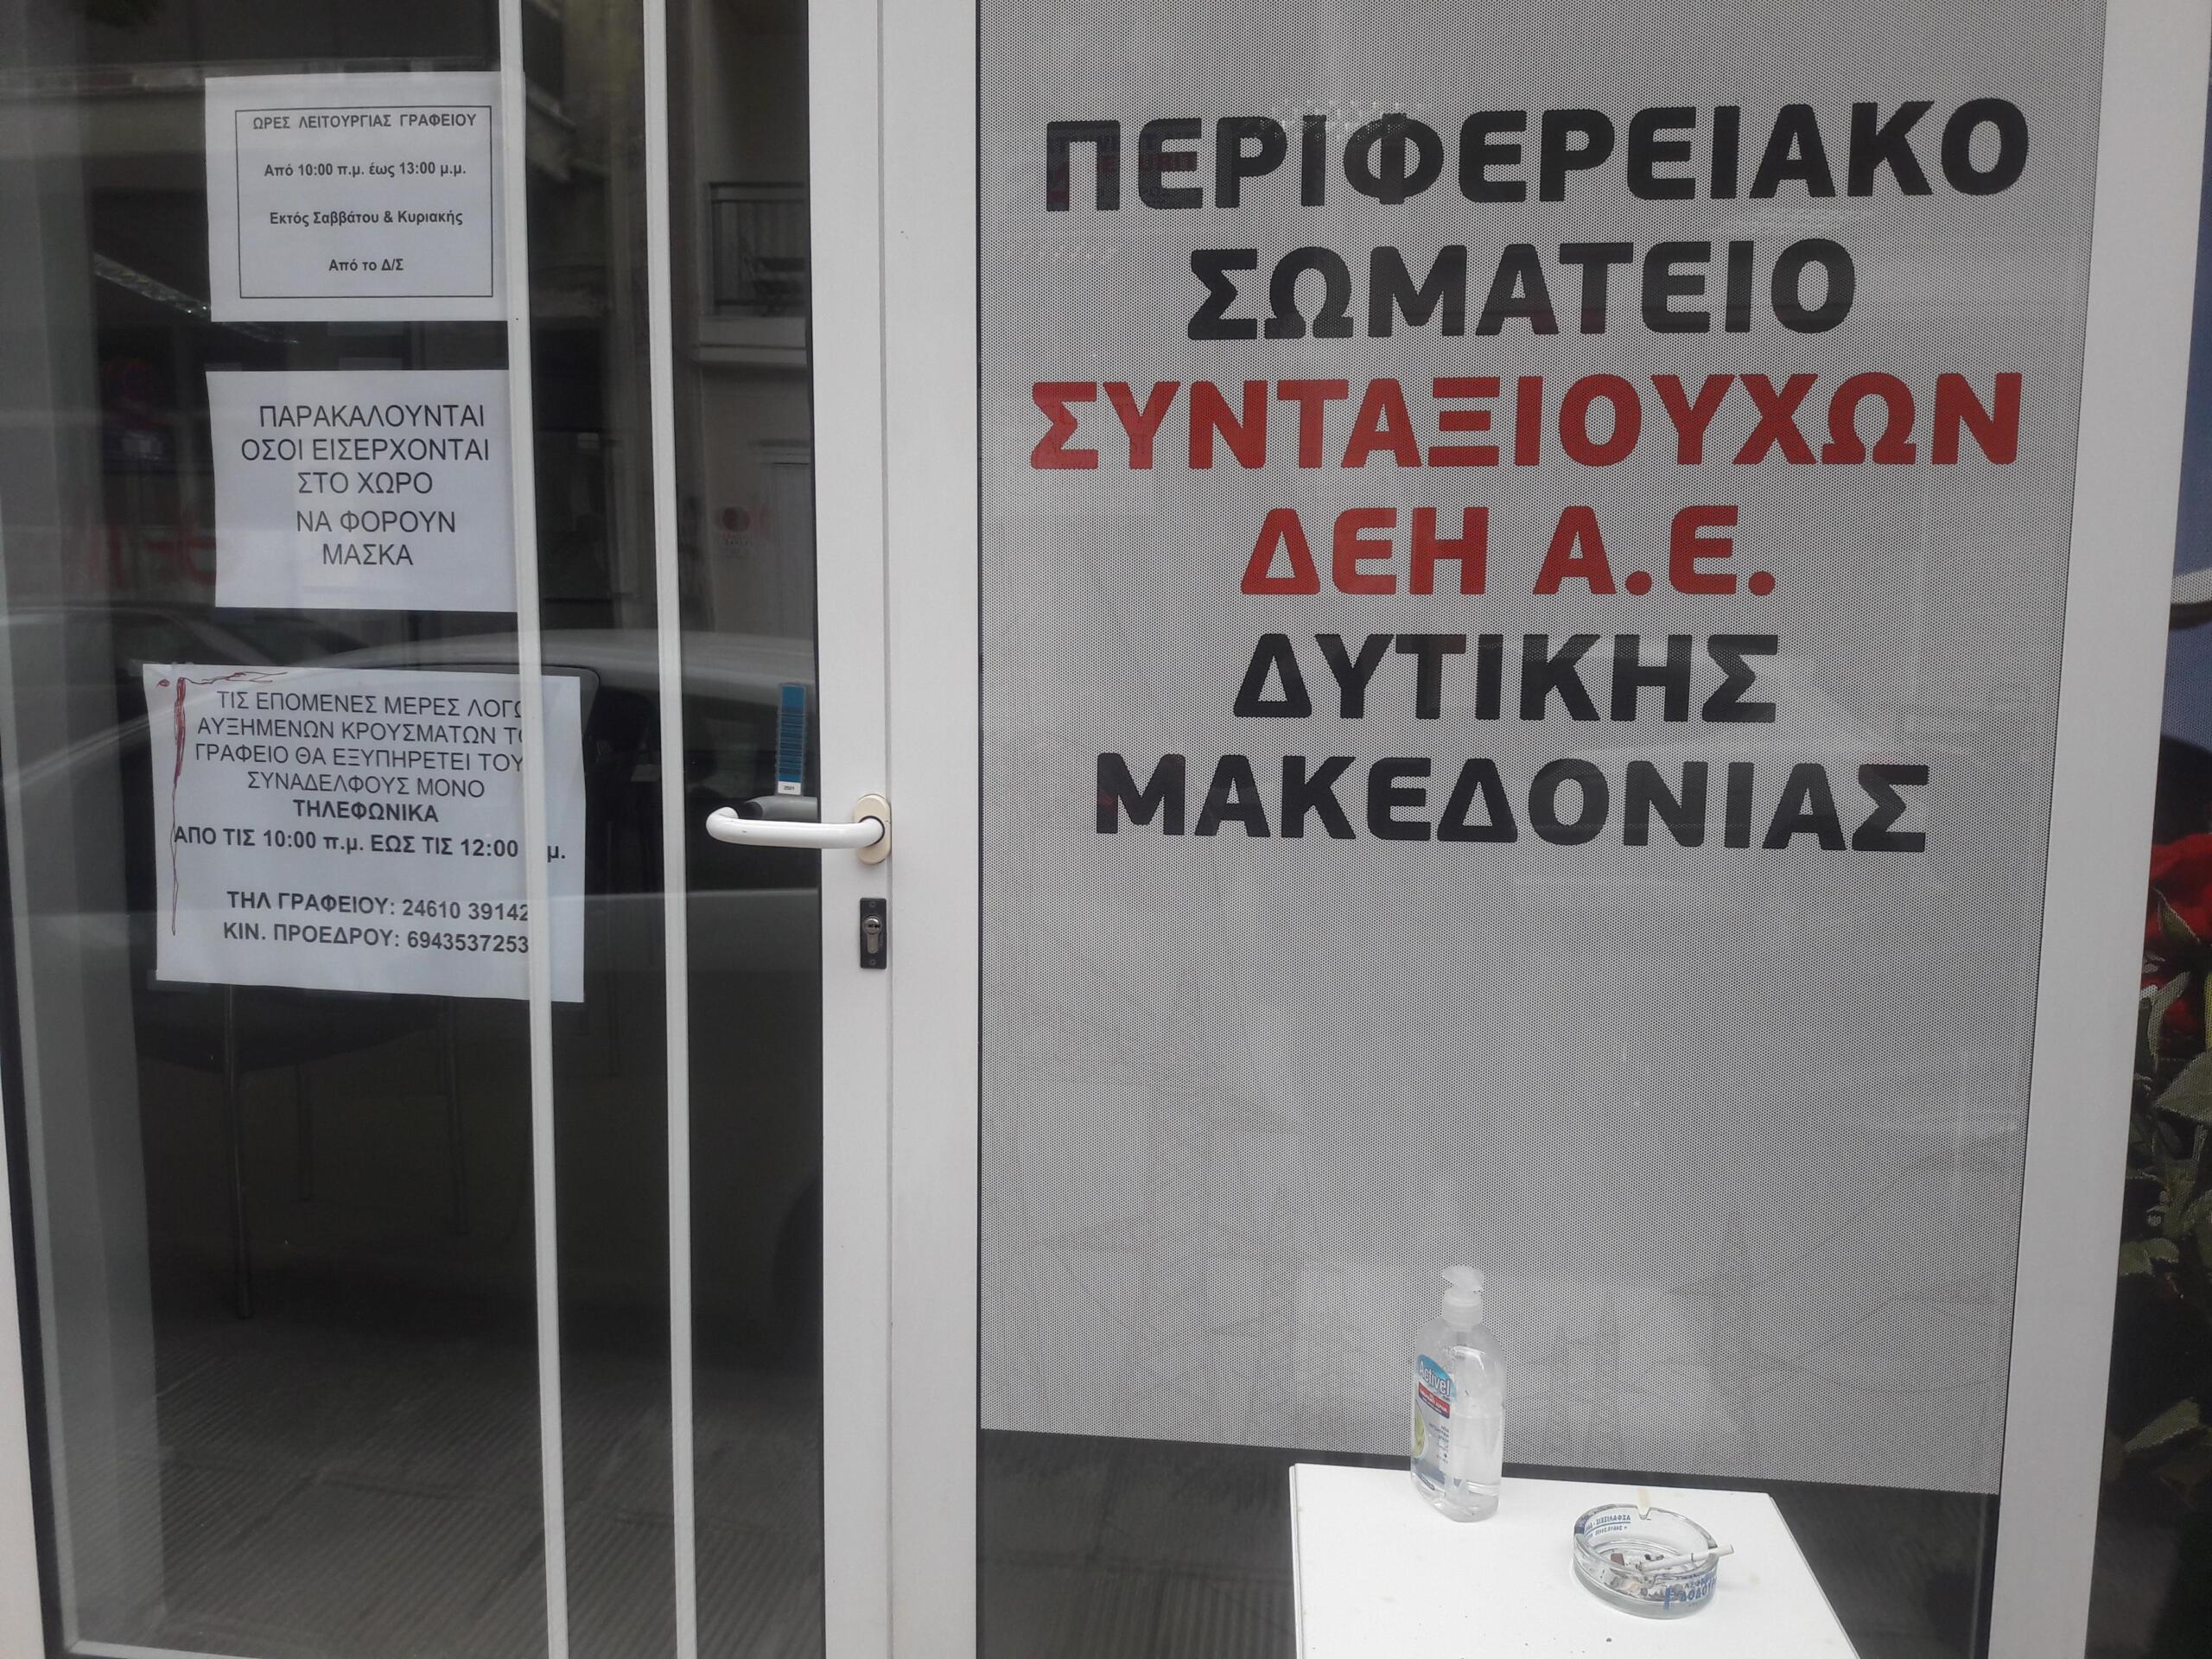 Βράβευση των αριστούχων του ακαδημαϊκού έτους 2019-2020 από το Δ.Σ. του Περιφερειακού Σωματείου Συνταξιούχων ΔΕΗ Α.Ε. Δυτ. Μακεδονίας